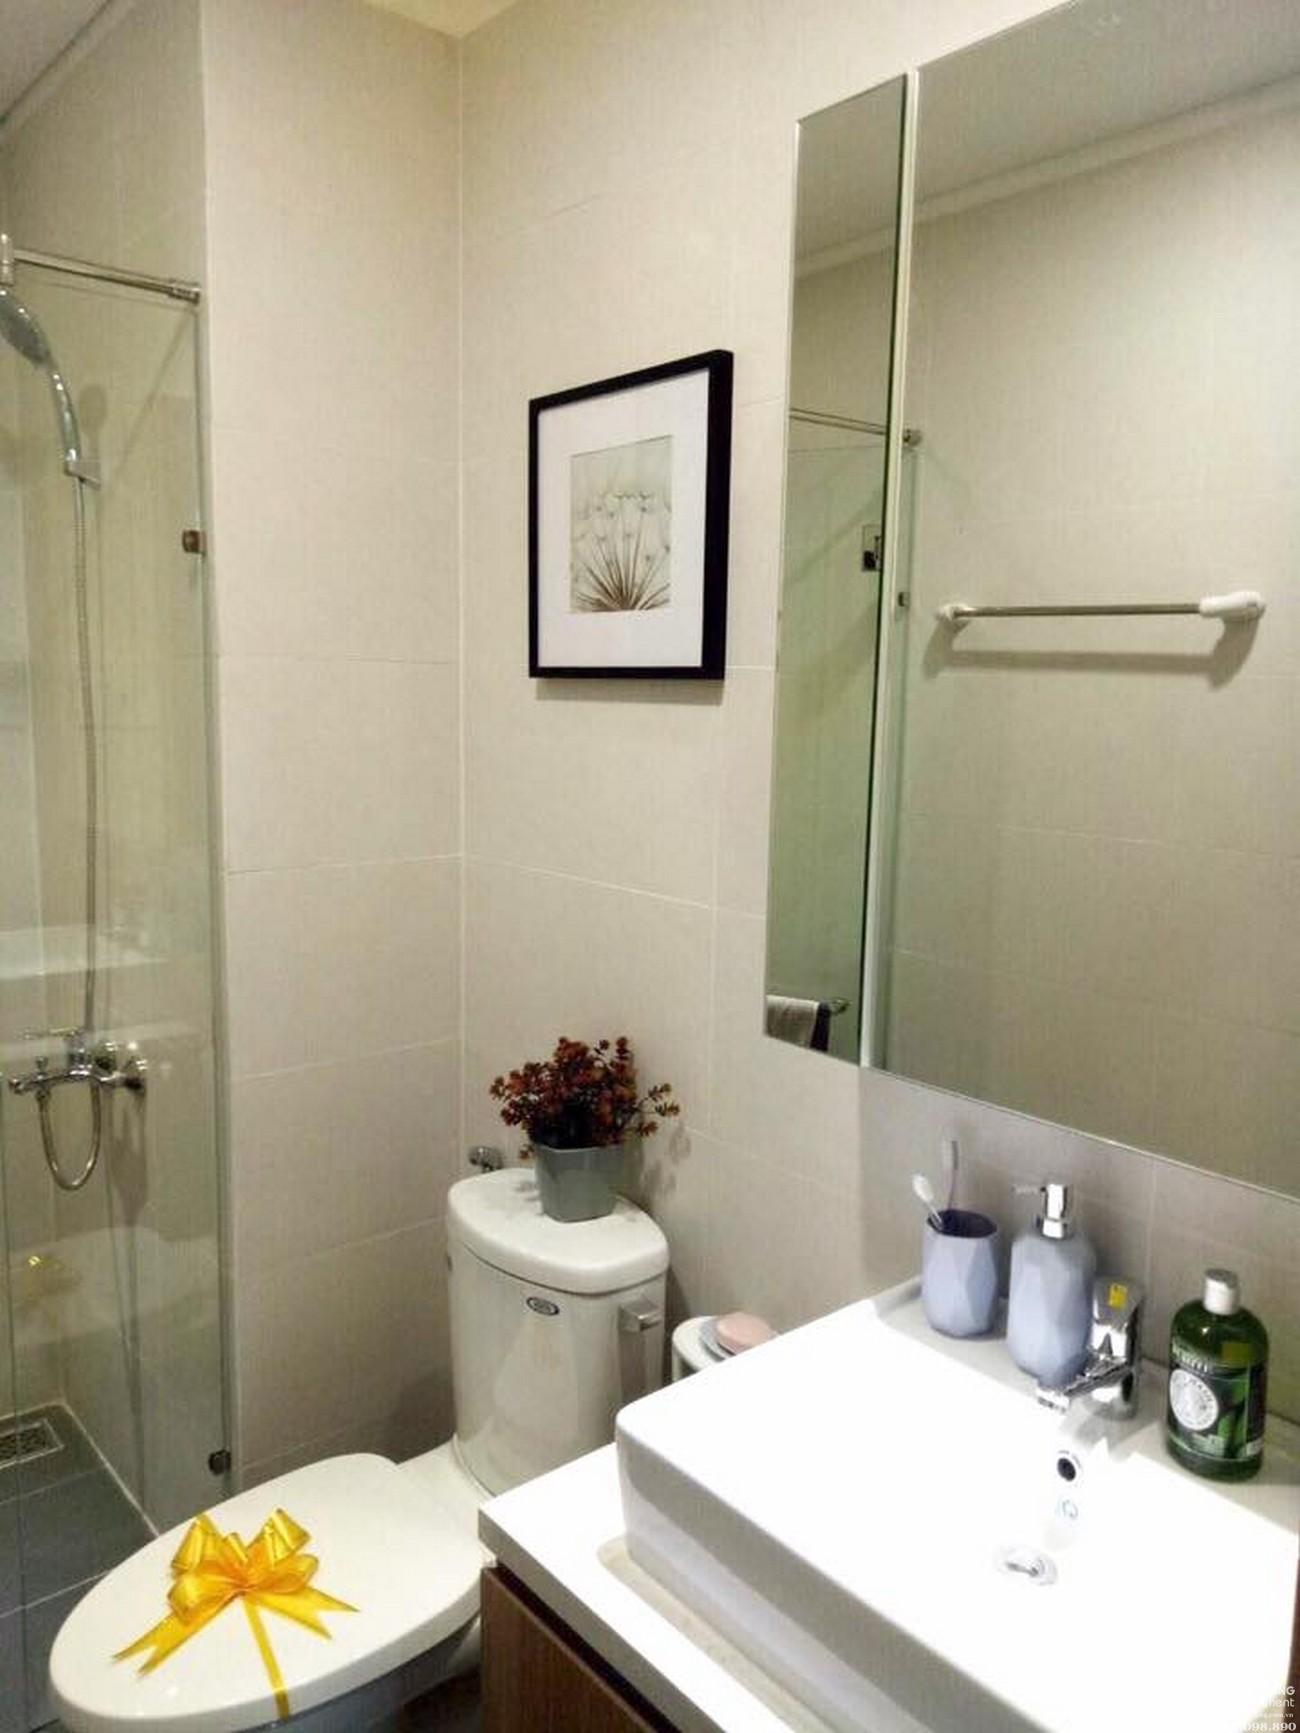 Nhà mẫu dự án căn hộ chung cư Mizuki Park Bình Chánh Đường Nguyễn Văn Linh chủ đầu tư Nam Long